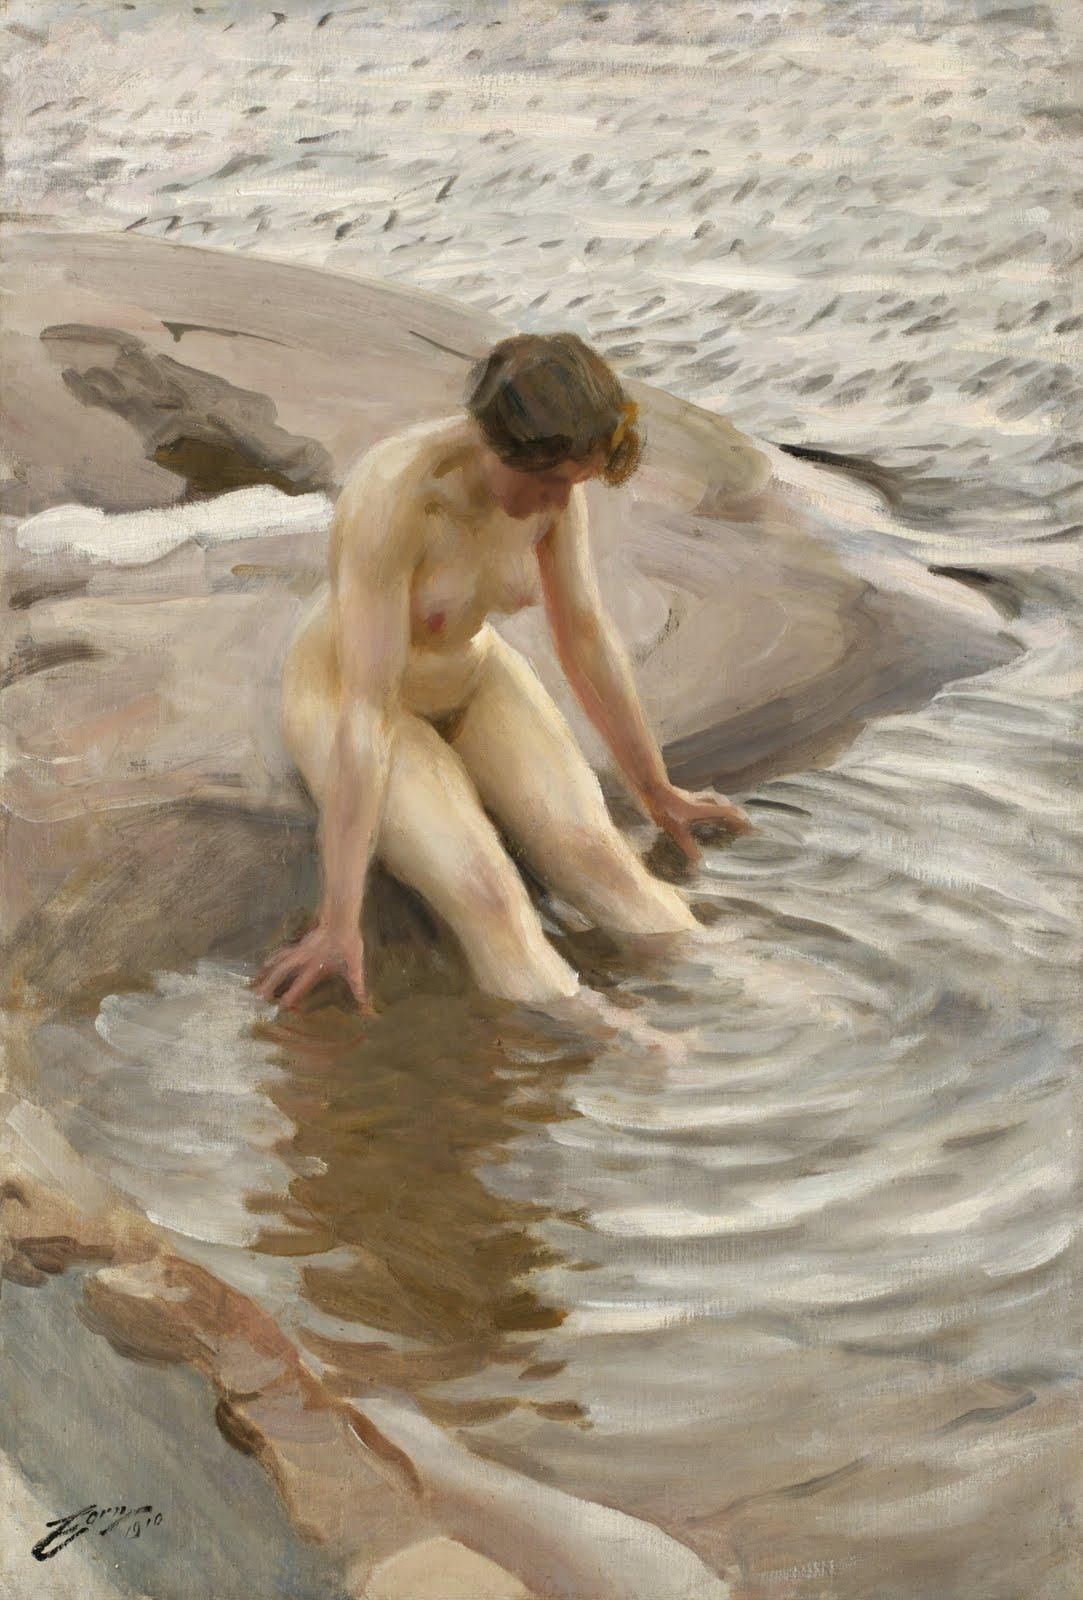 http://3.bp.blogspot.com/-TzPXznZxKhA/TjPwhf1ezhI/AAAAAAAAALo/LHfBdmI31OE/s1600/Anders_Zorn-Wet.jpg